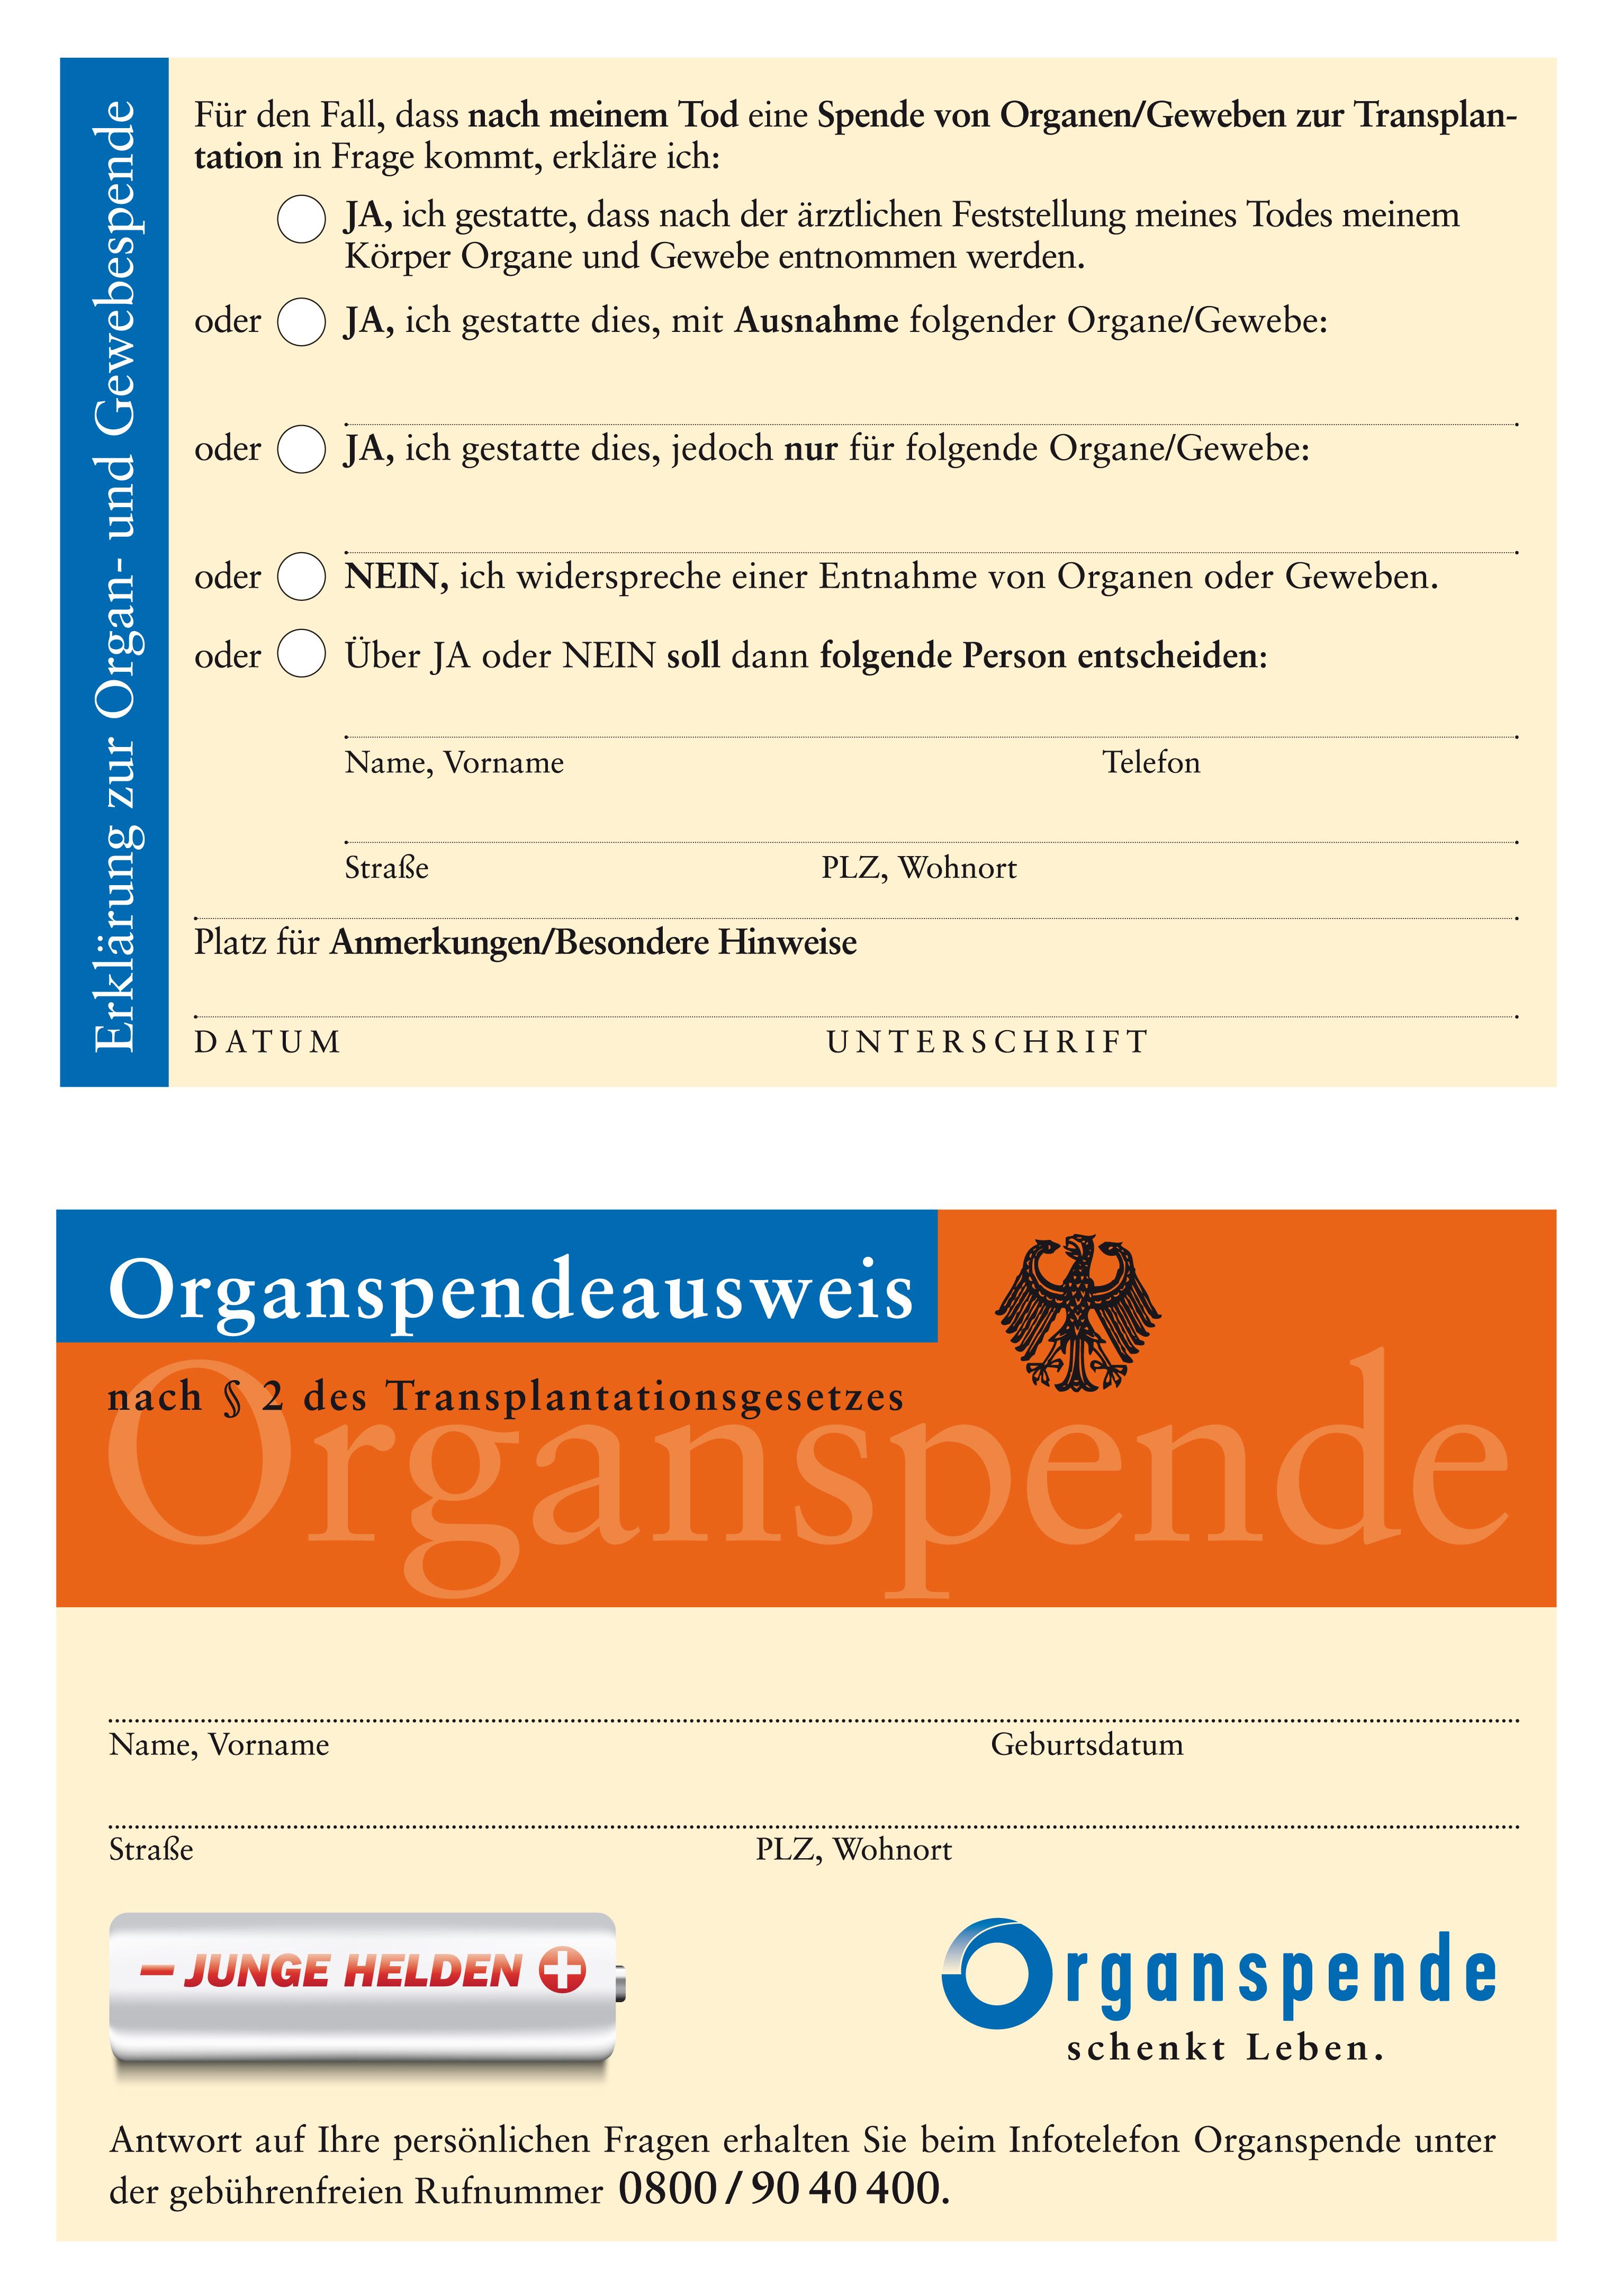 JH_Organspendeausweis